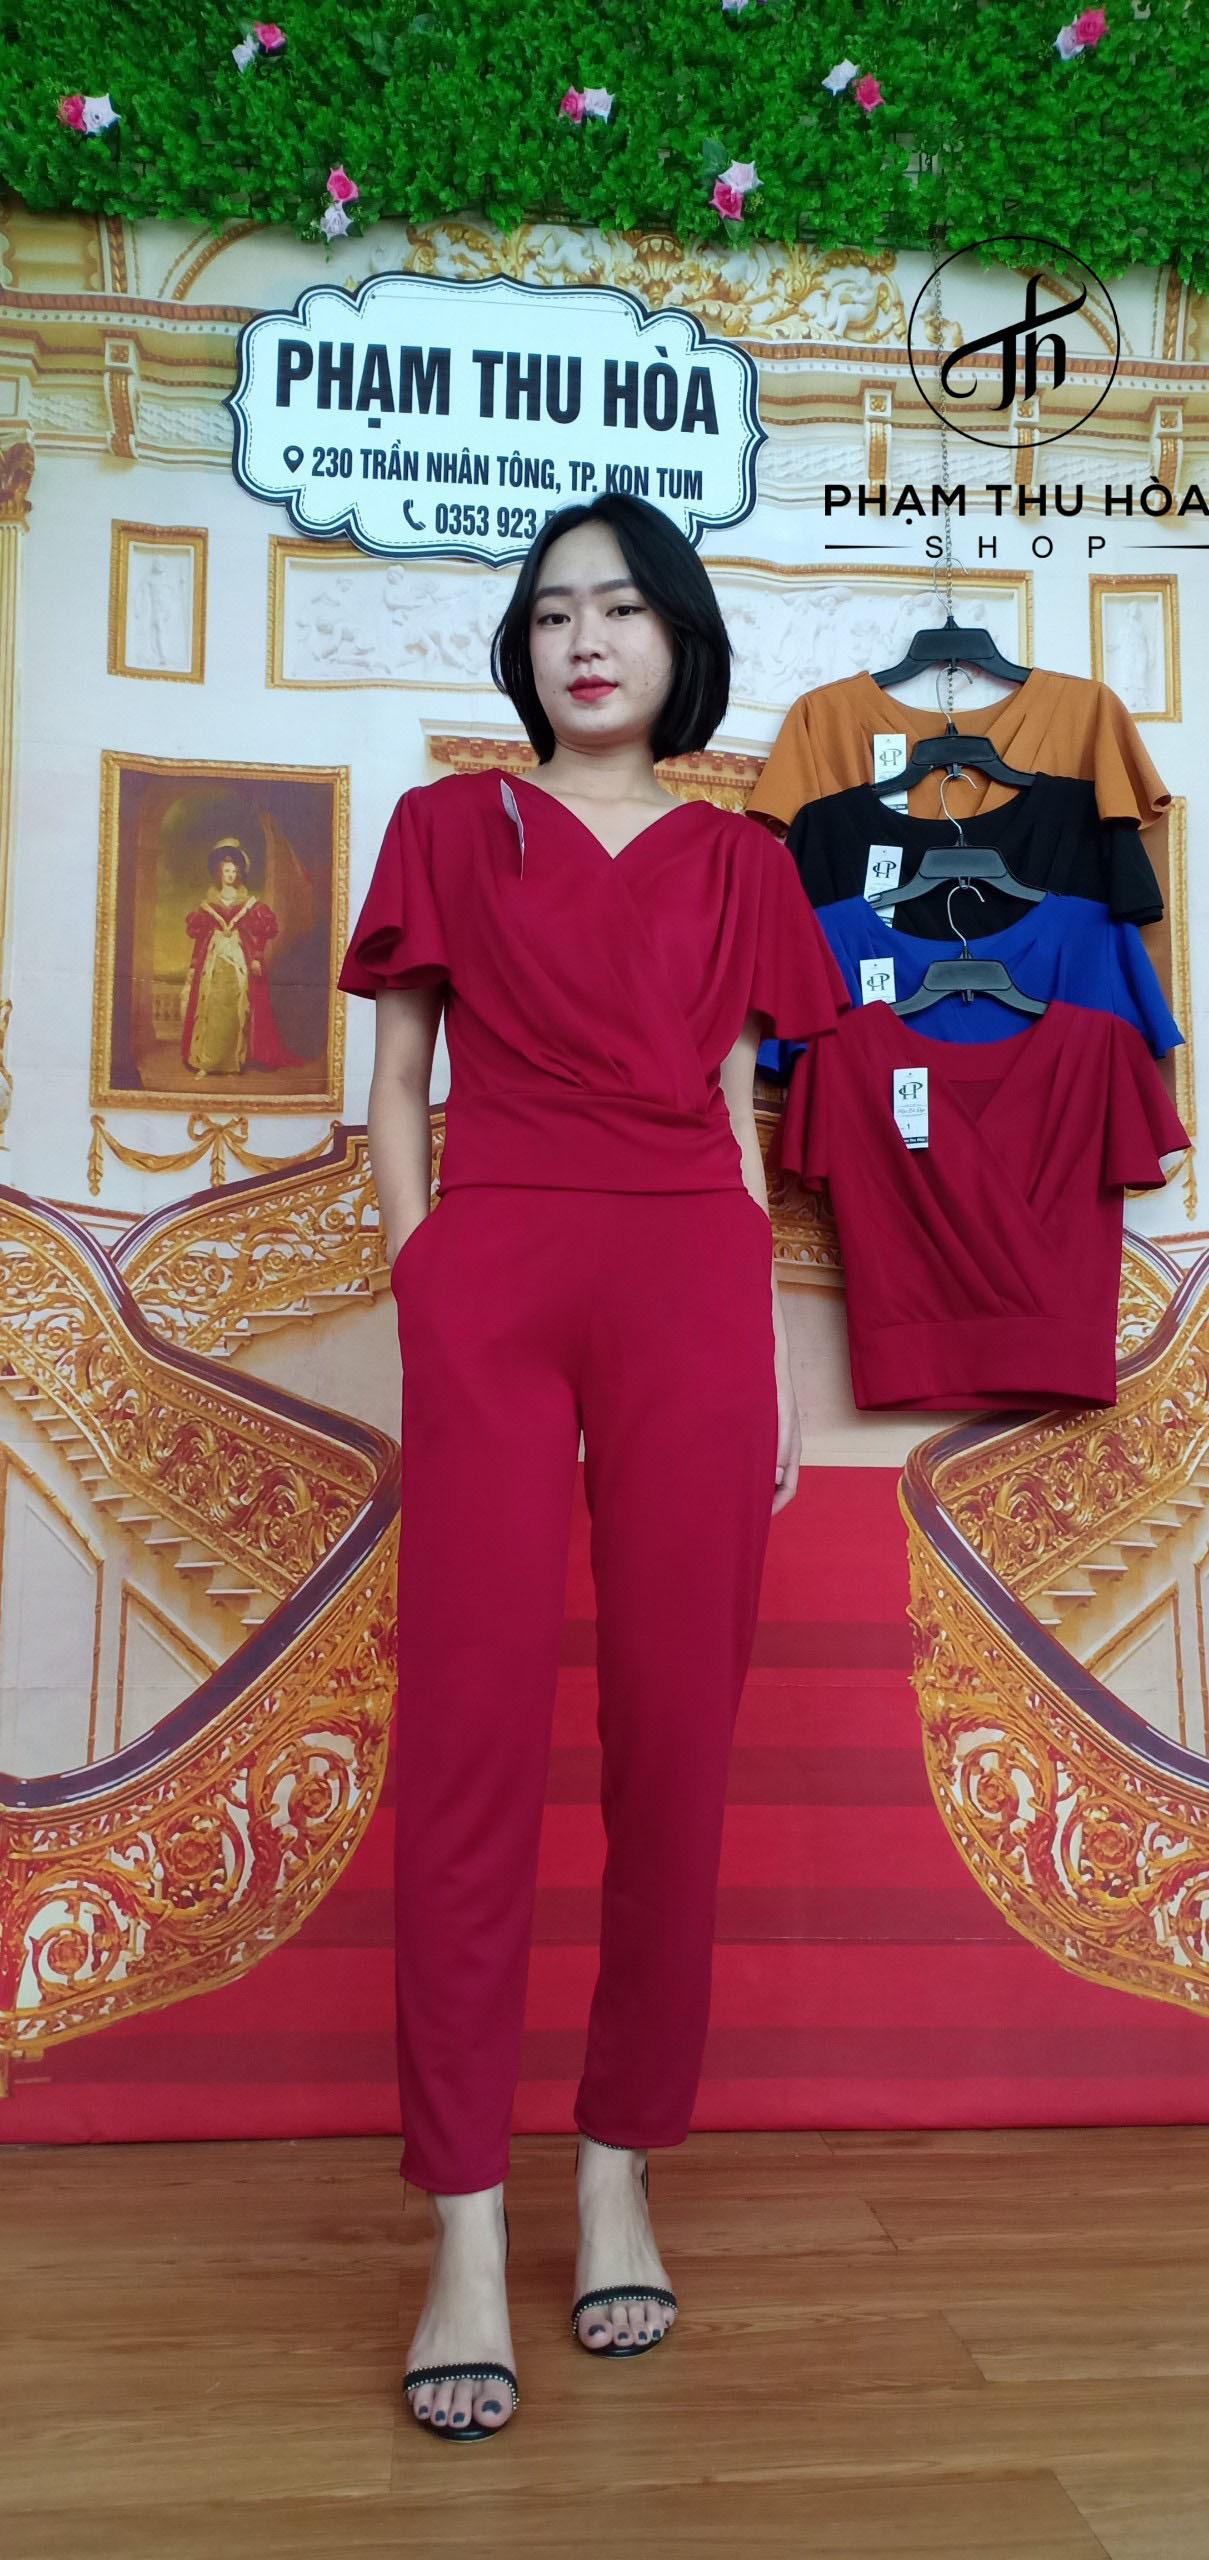 Làm nên tủ đồ đa dạng phong cách cùng Phạm Thu Hòa Shop - Ảnh 5.